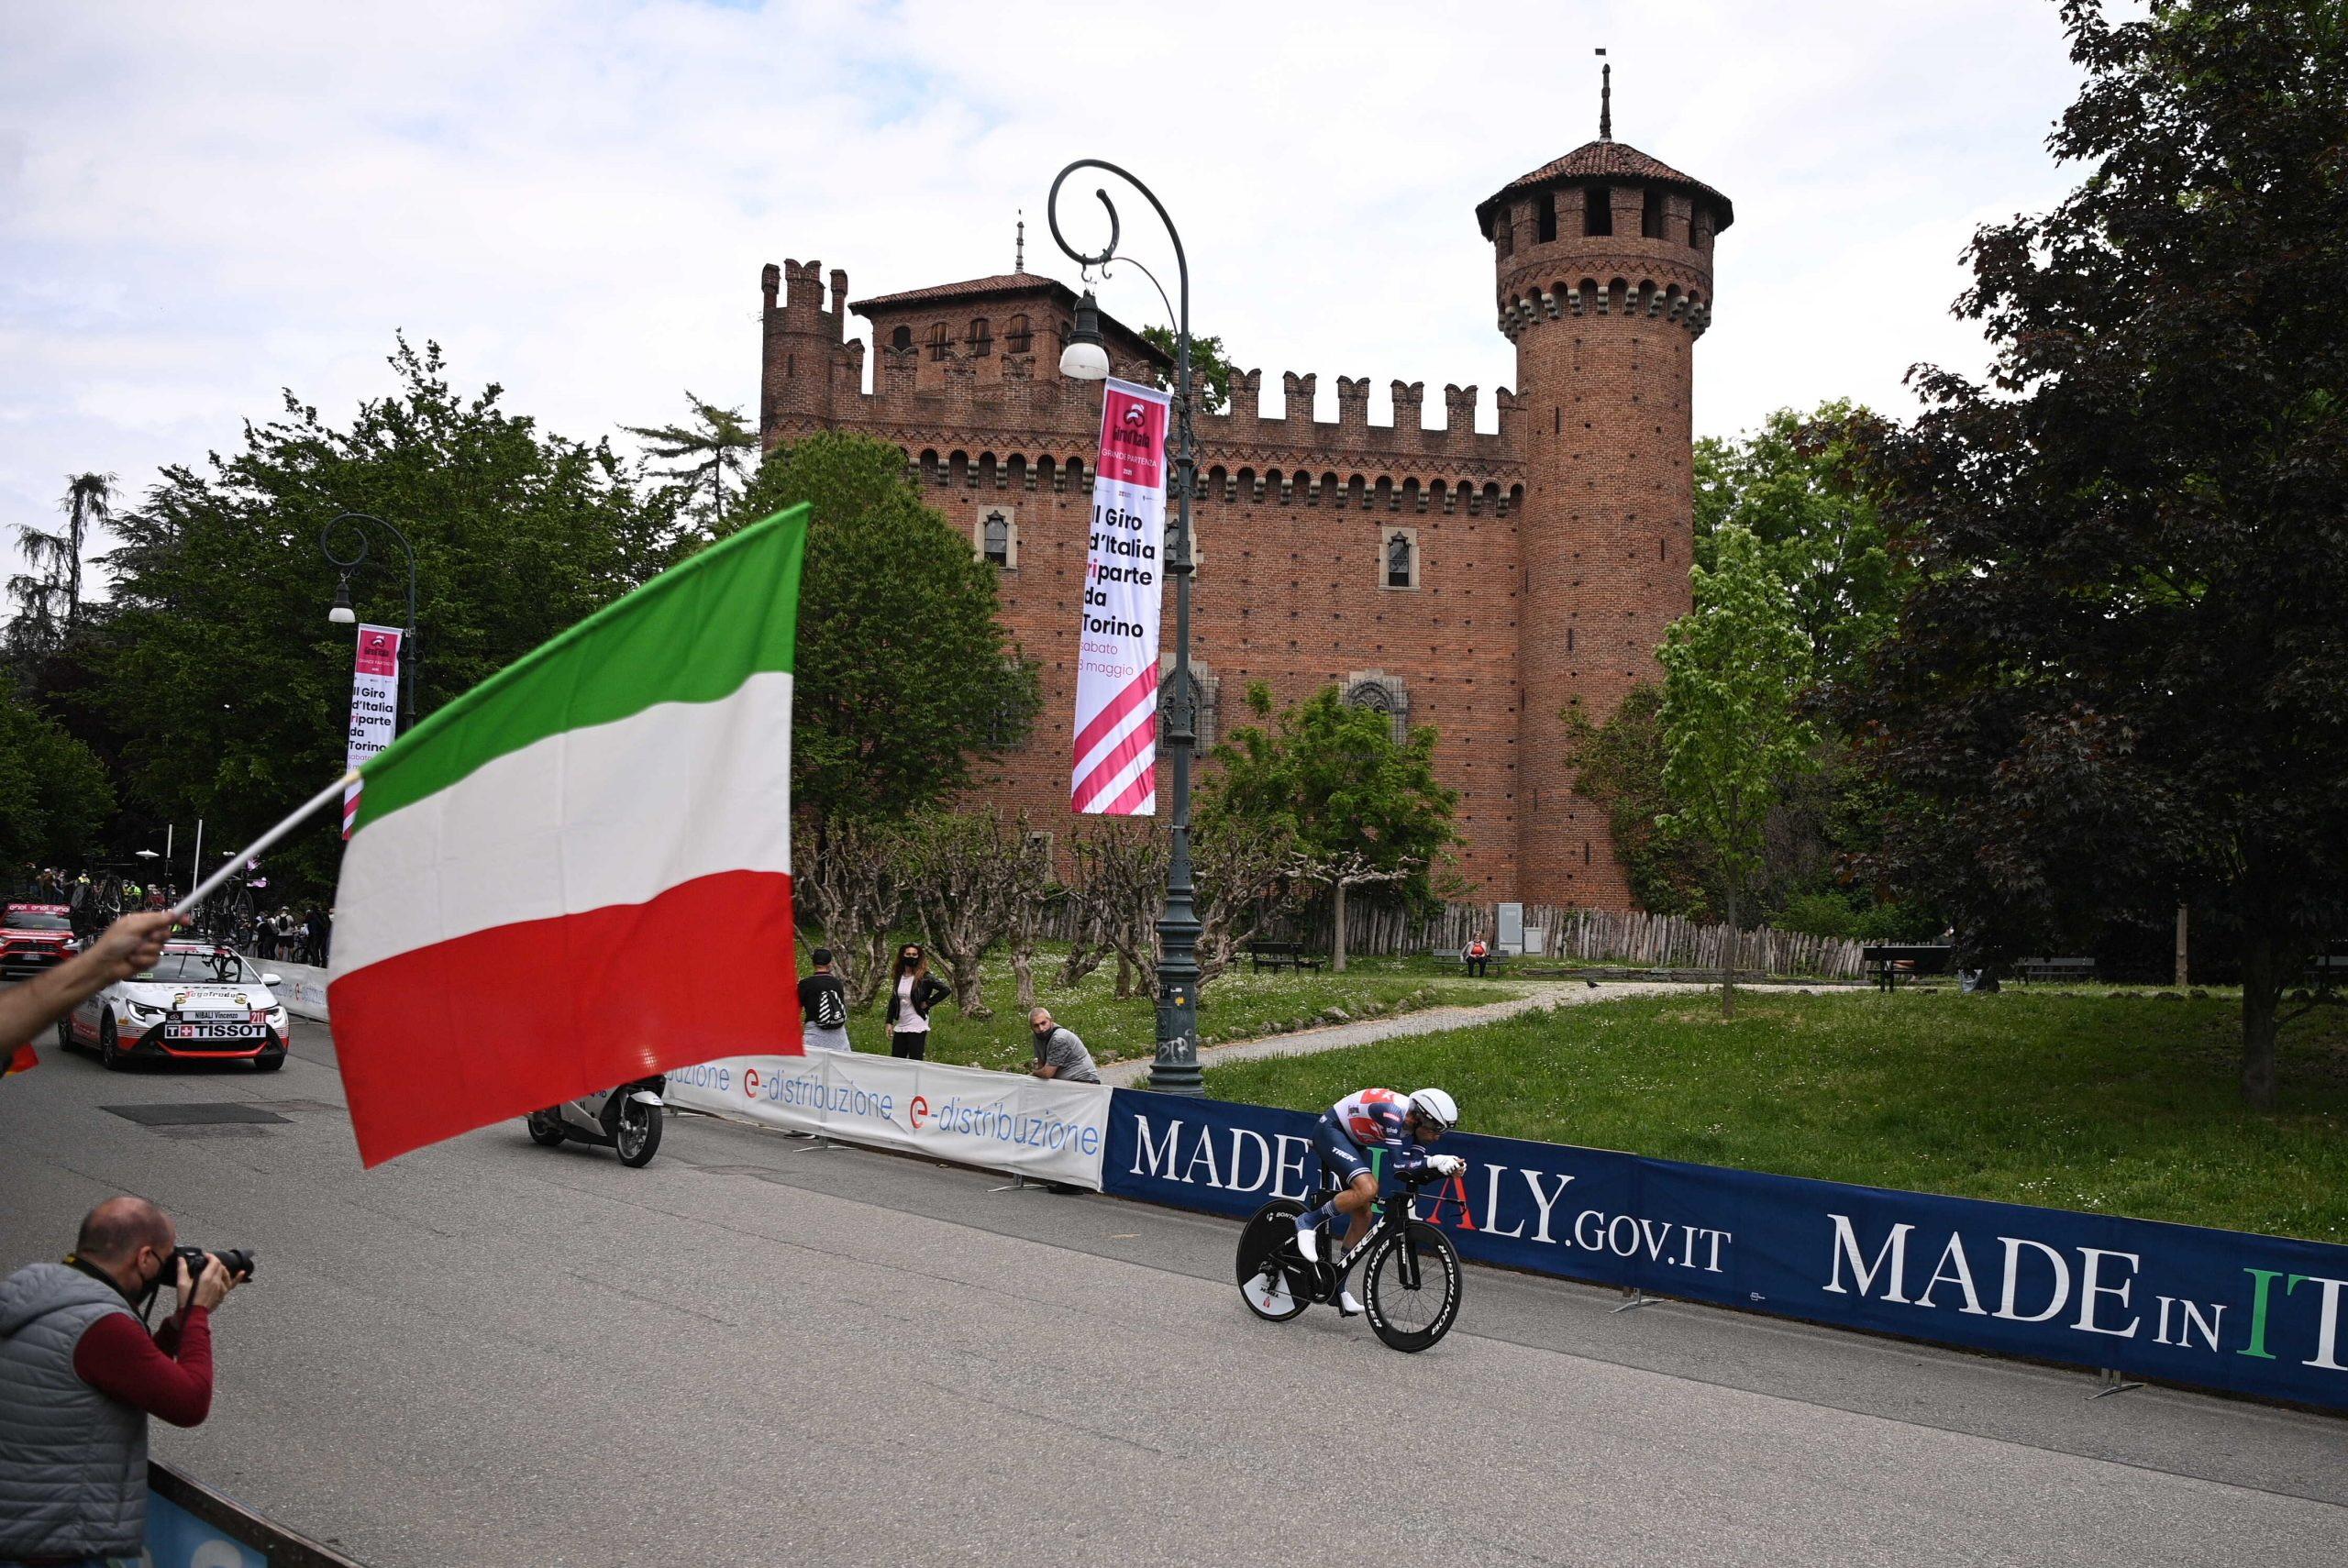 Nessuno riesce a fare meglio di Filippo Ganna (8'47''), che si aggiudica la prima cronometro e la maglia rosa. Secondo posto per un ottimo Edoardo Affini (Jumbo-Visma), distante 10''. Terzo il compagno di squadra Tobias Foss.